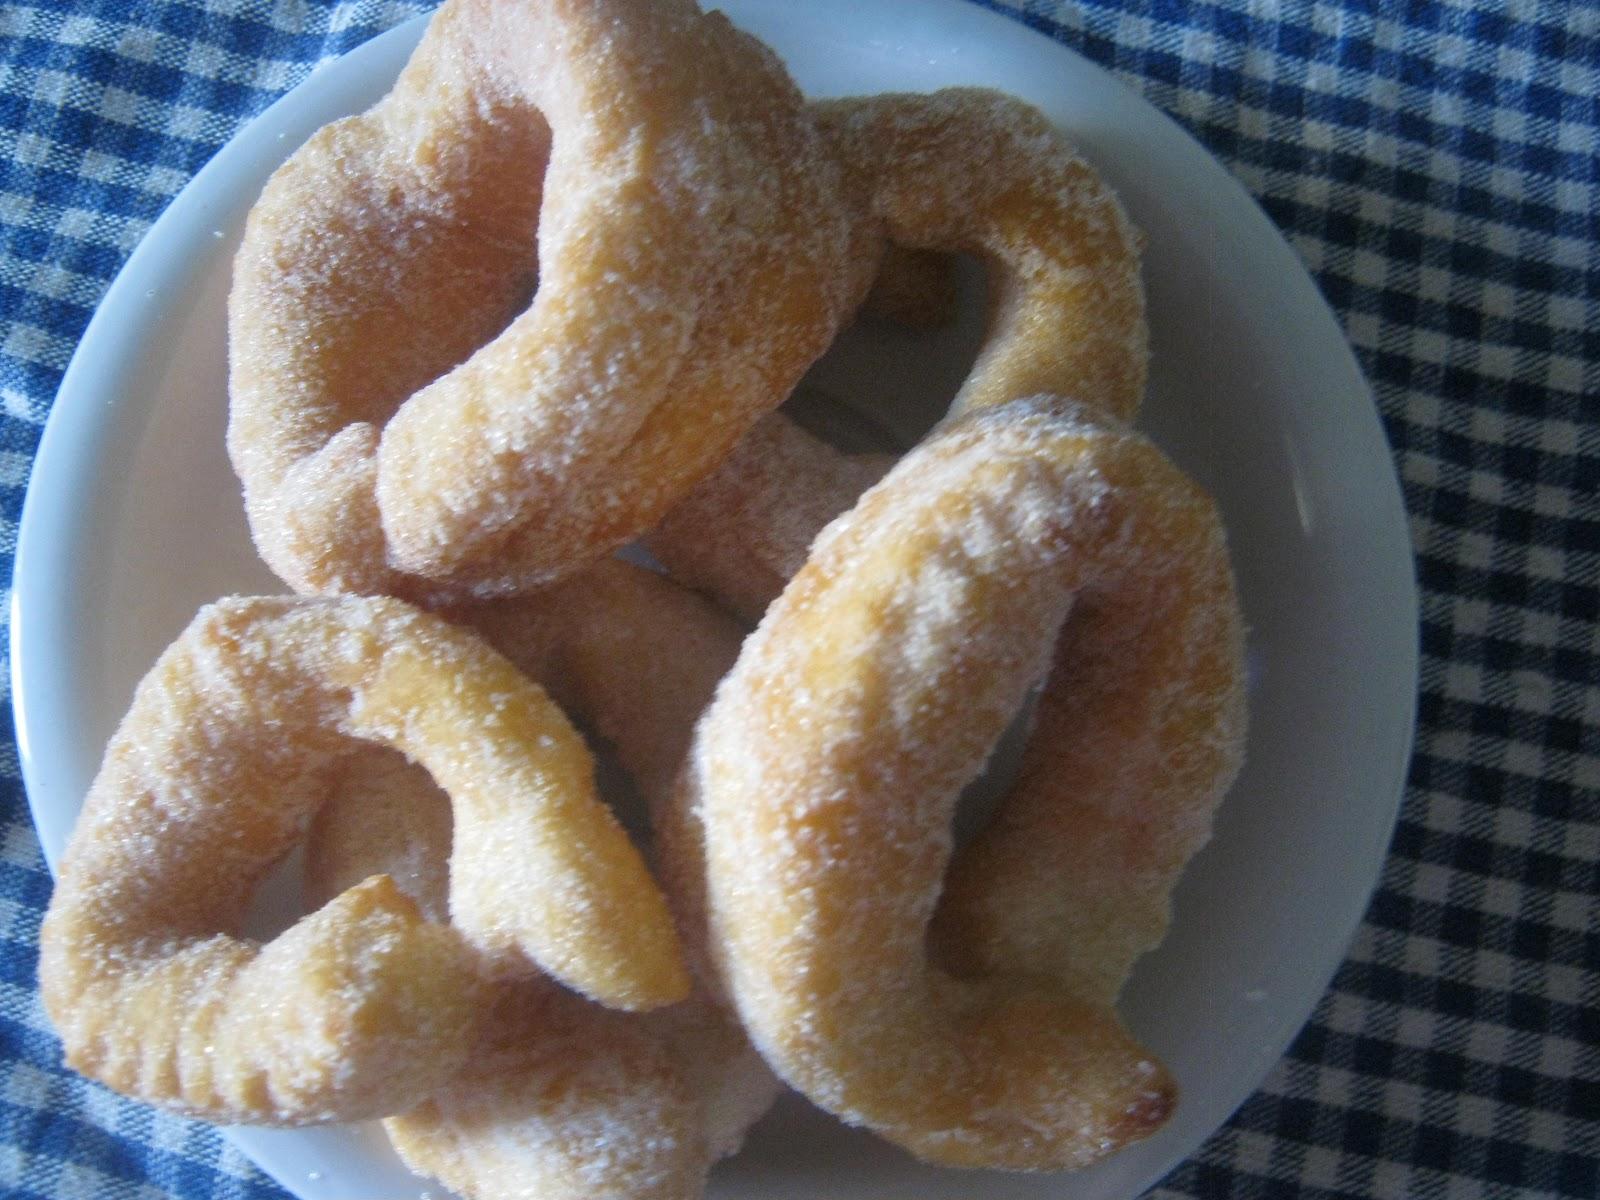 cucina e fimo: i guanti dell'agrocaleno.......e ricordi..... - Subito Cucine Usate Campania